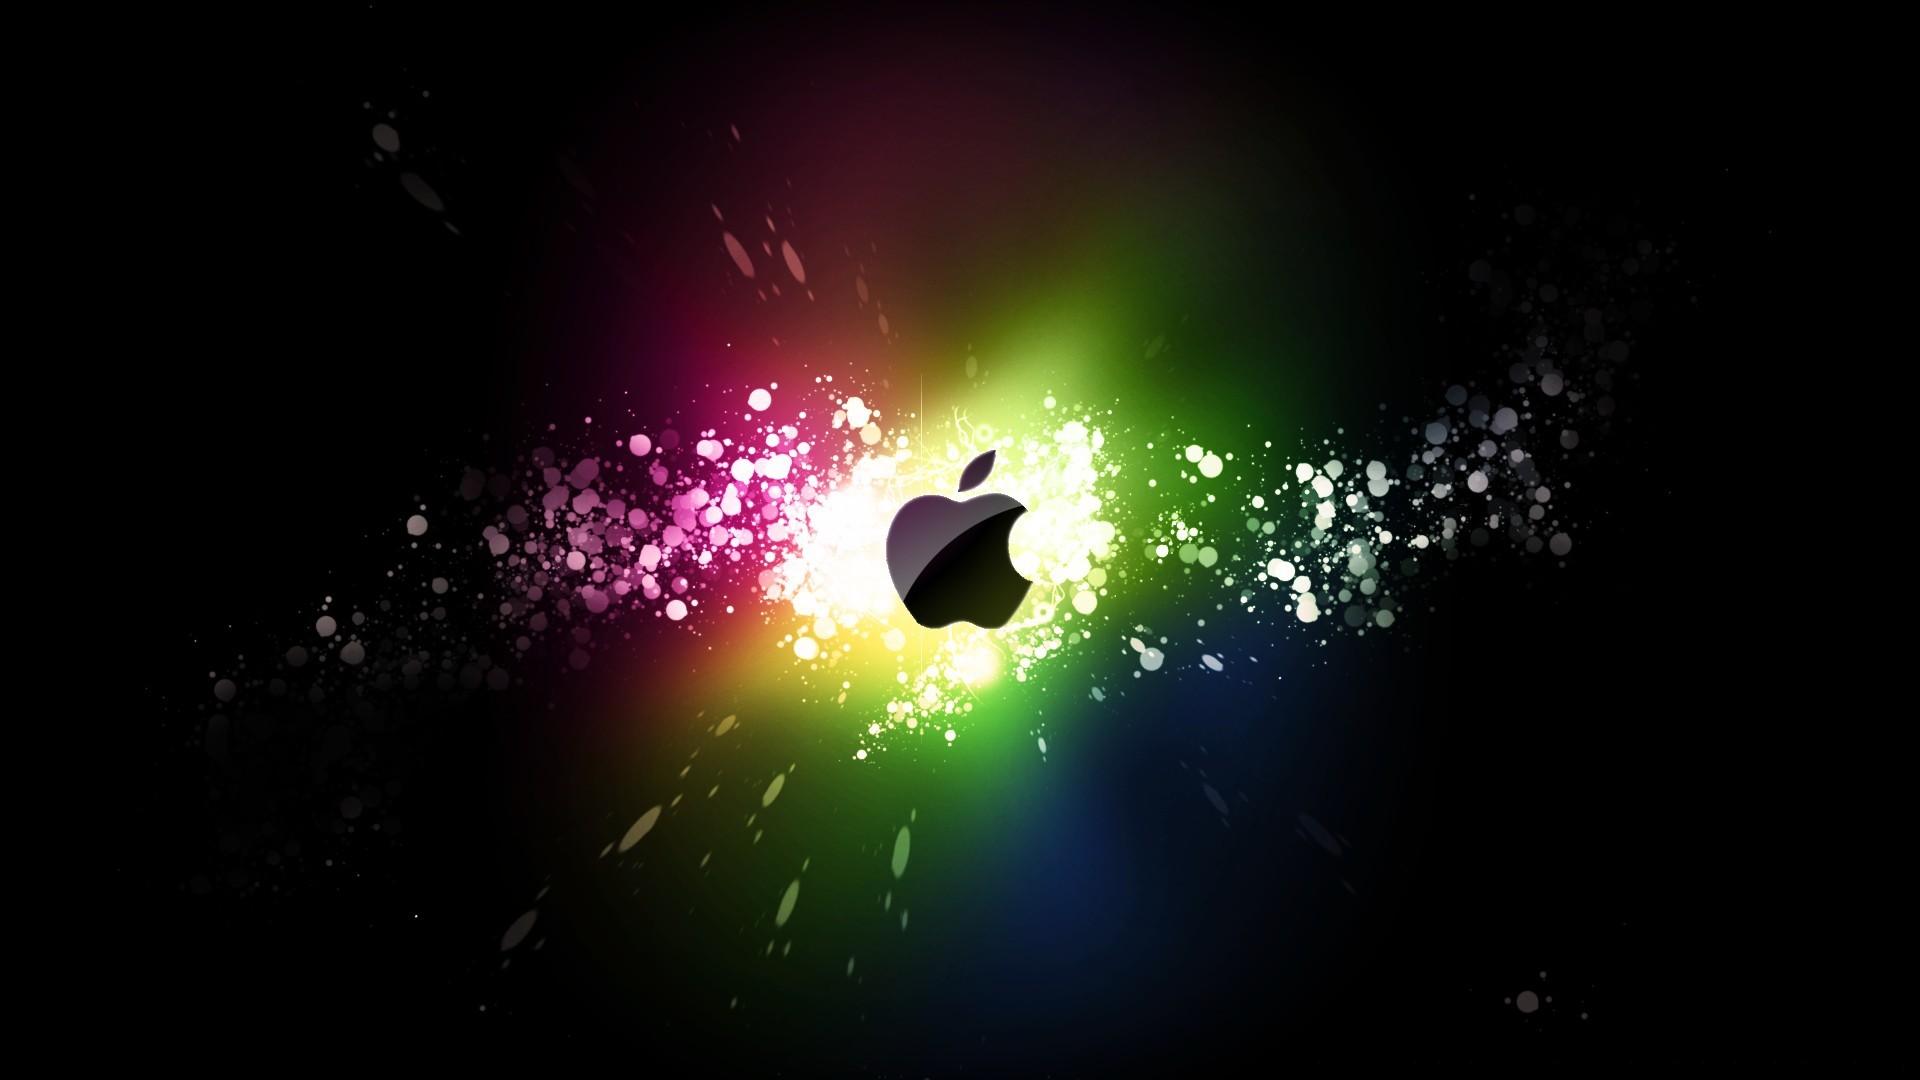 Res: 1920x1080, apple 3d background widescreen 1 download desktop wallpapers hd